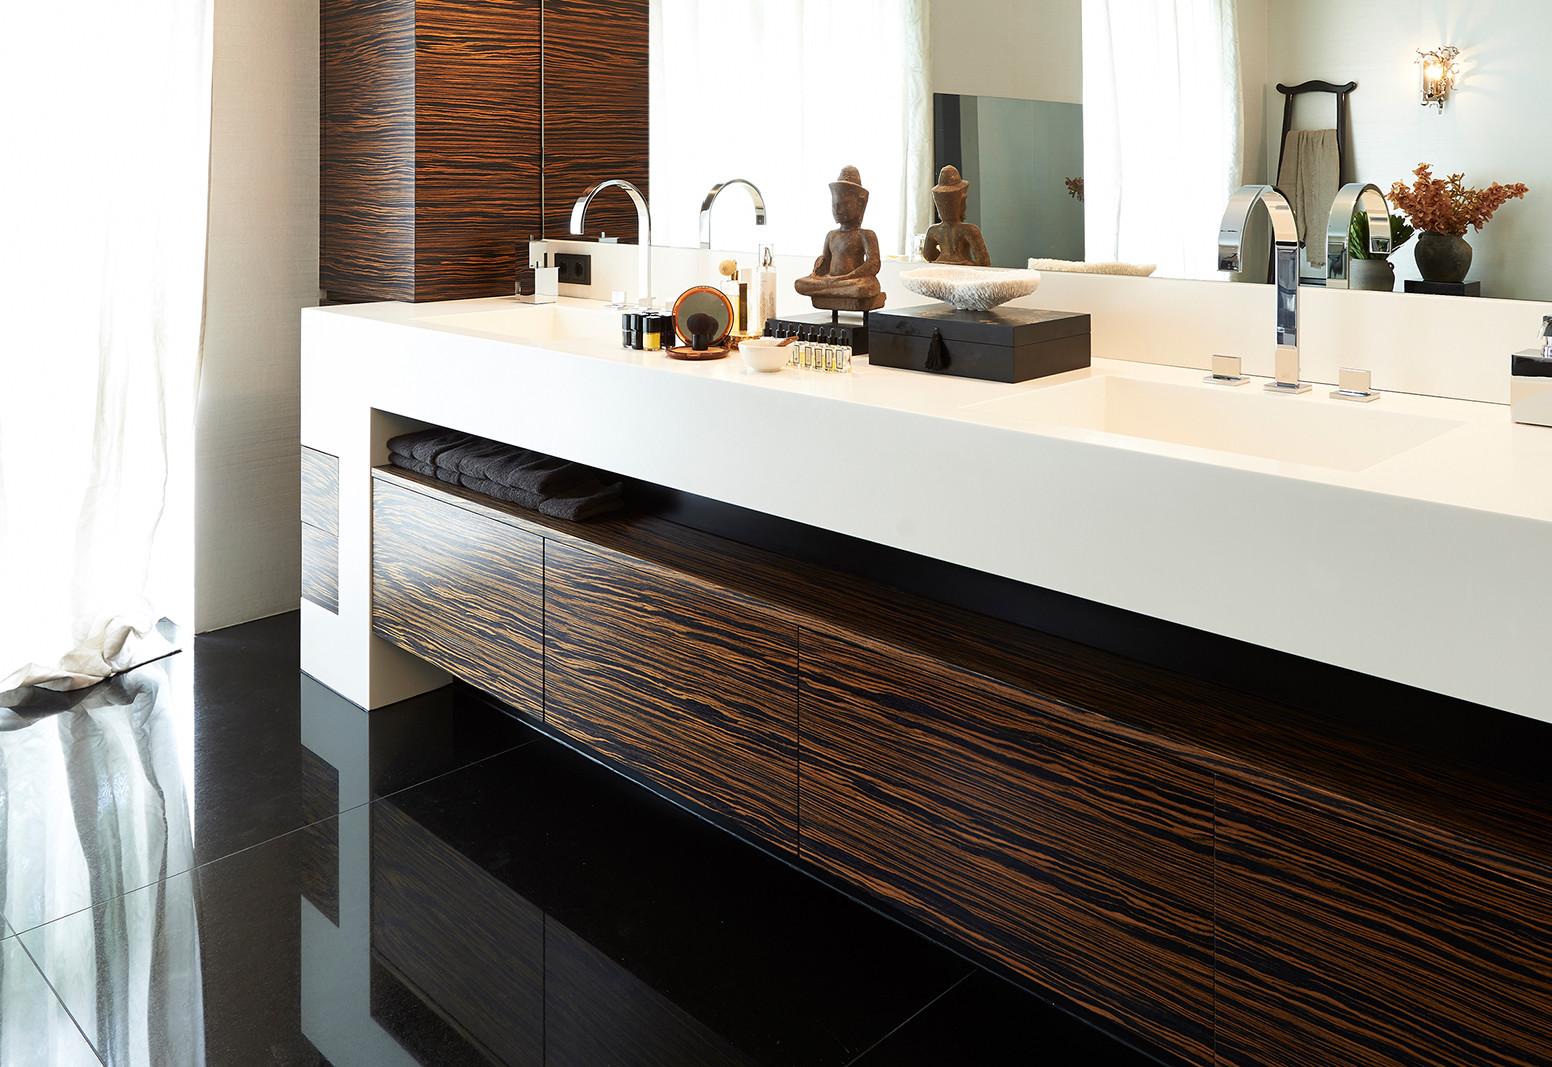 Stefanie Raum Badezimmer Waschtisch Raum Contemporary Interior